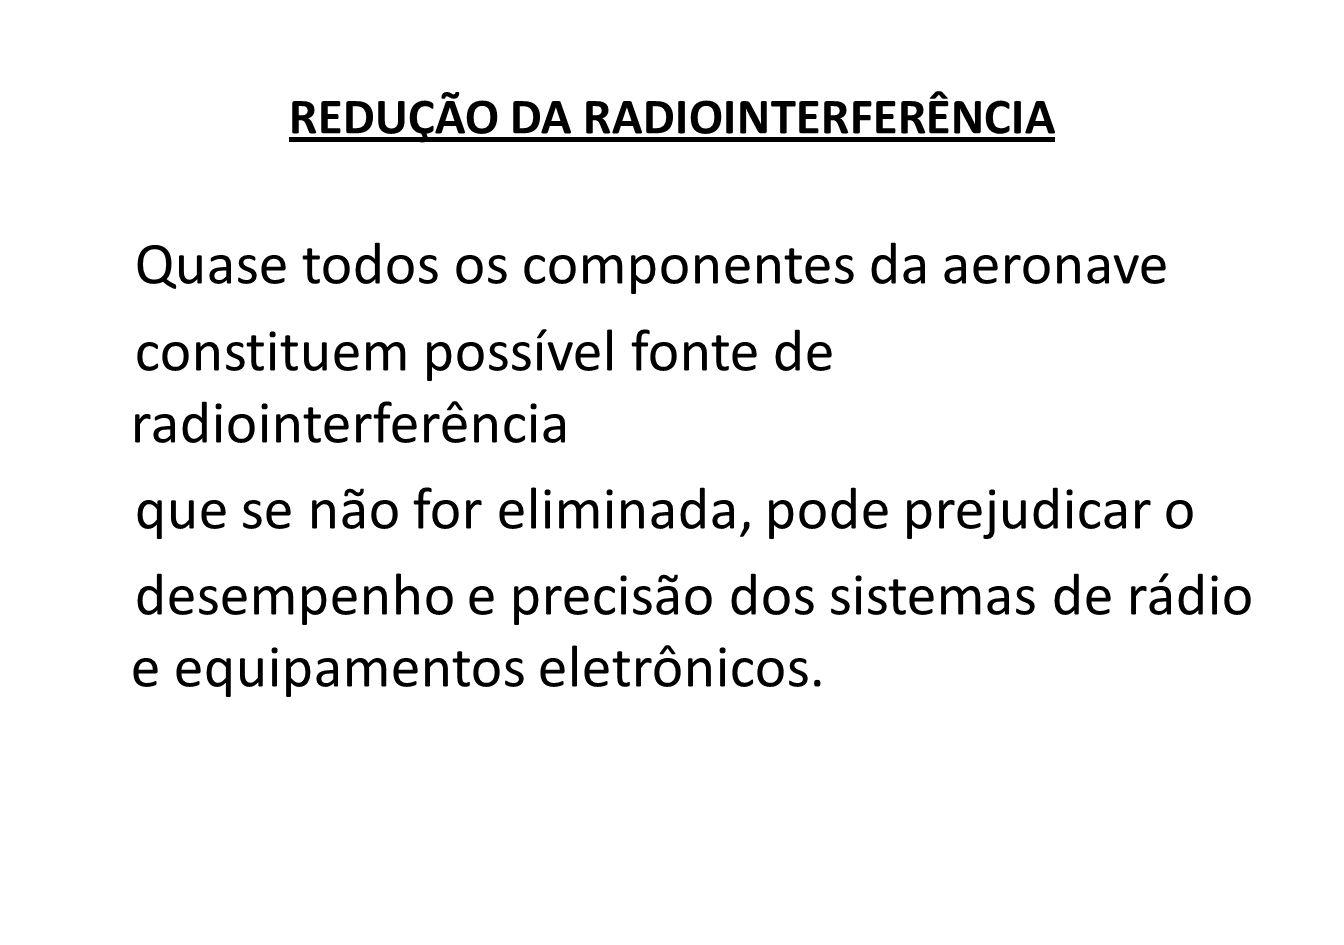 Fontes de radiointerferência na aeronave: dispositivos elétricos rotativos; os comutadores; os sistemas de ignição; os sistemas de controle das hélices; as linhas de energia de CA e os reguladores de voltagem.